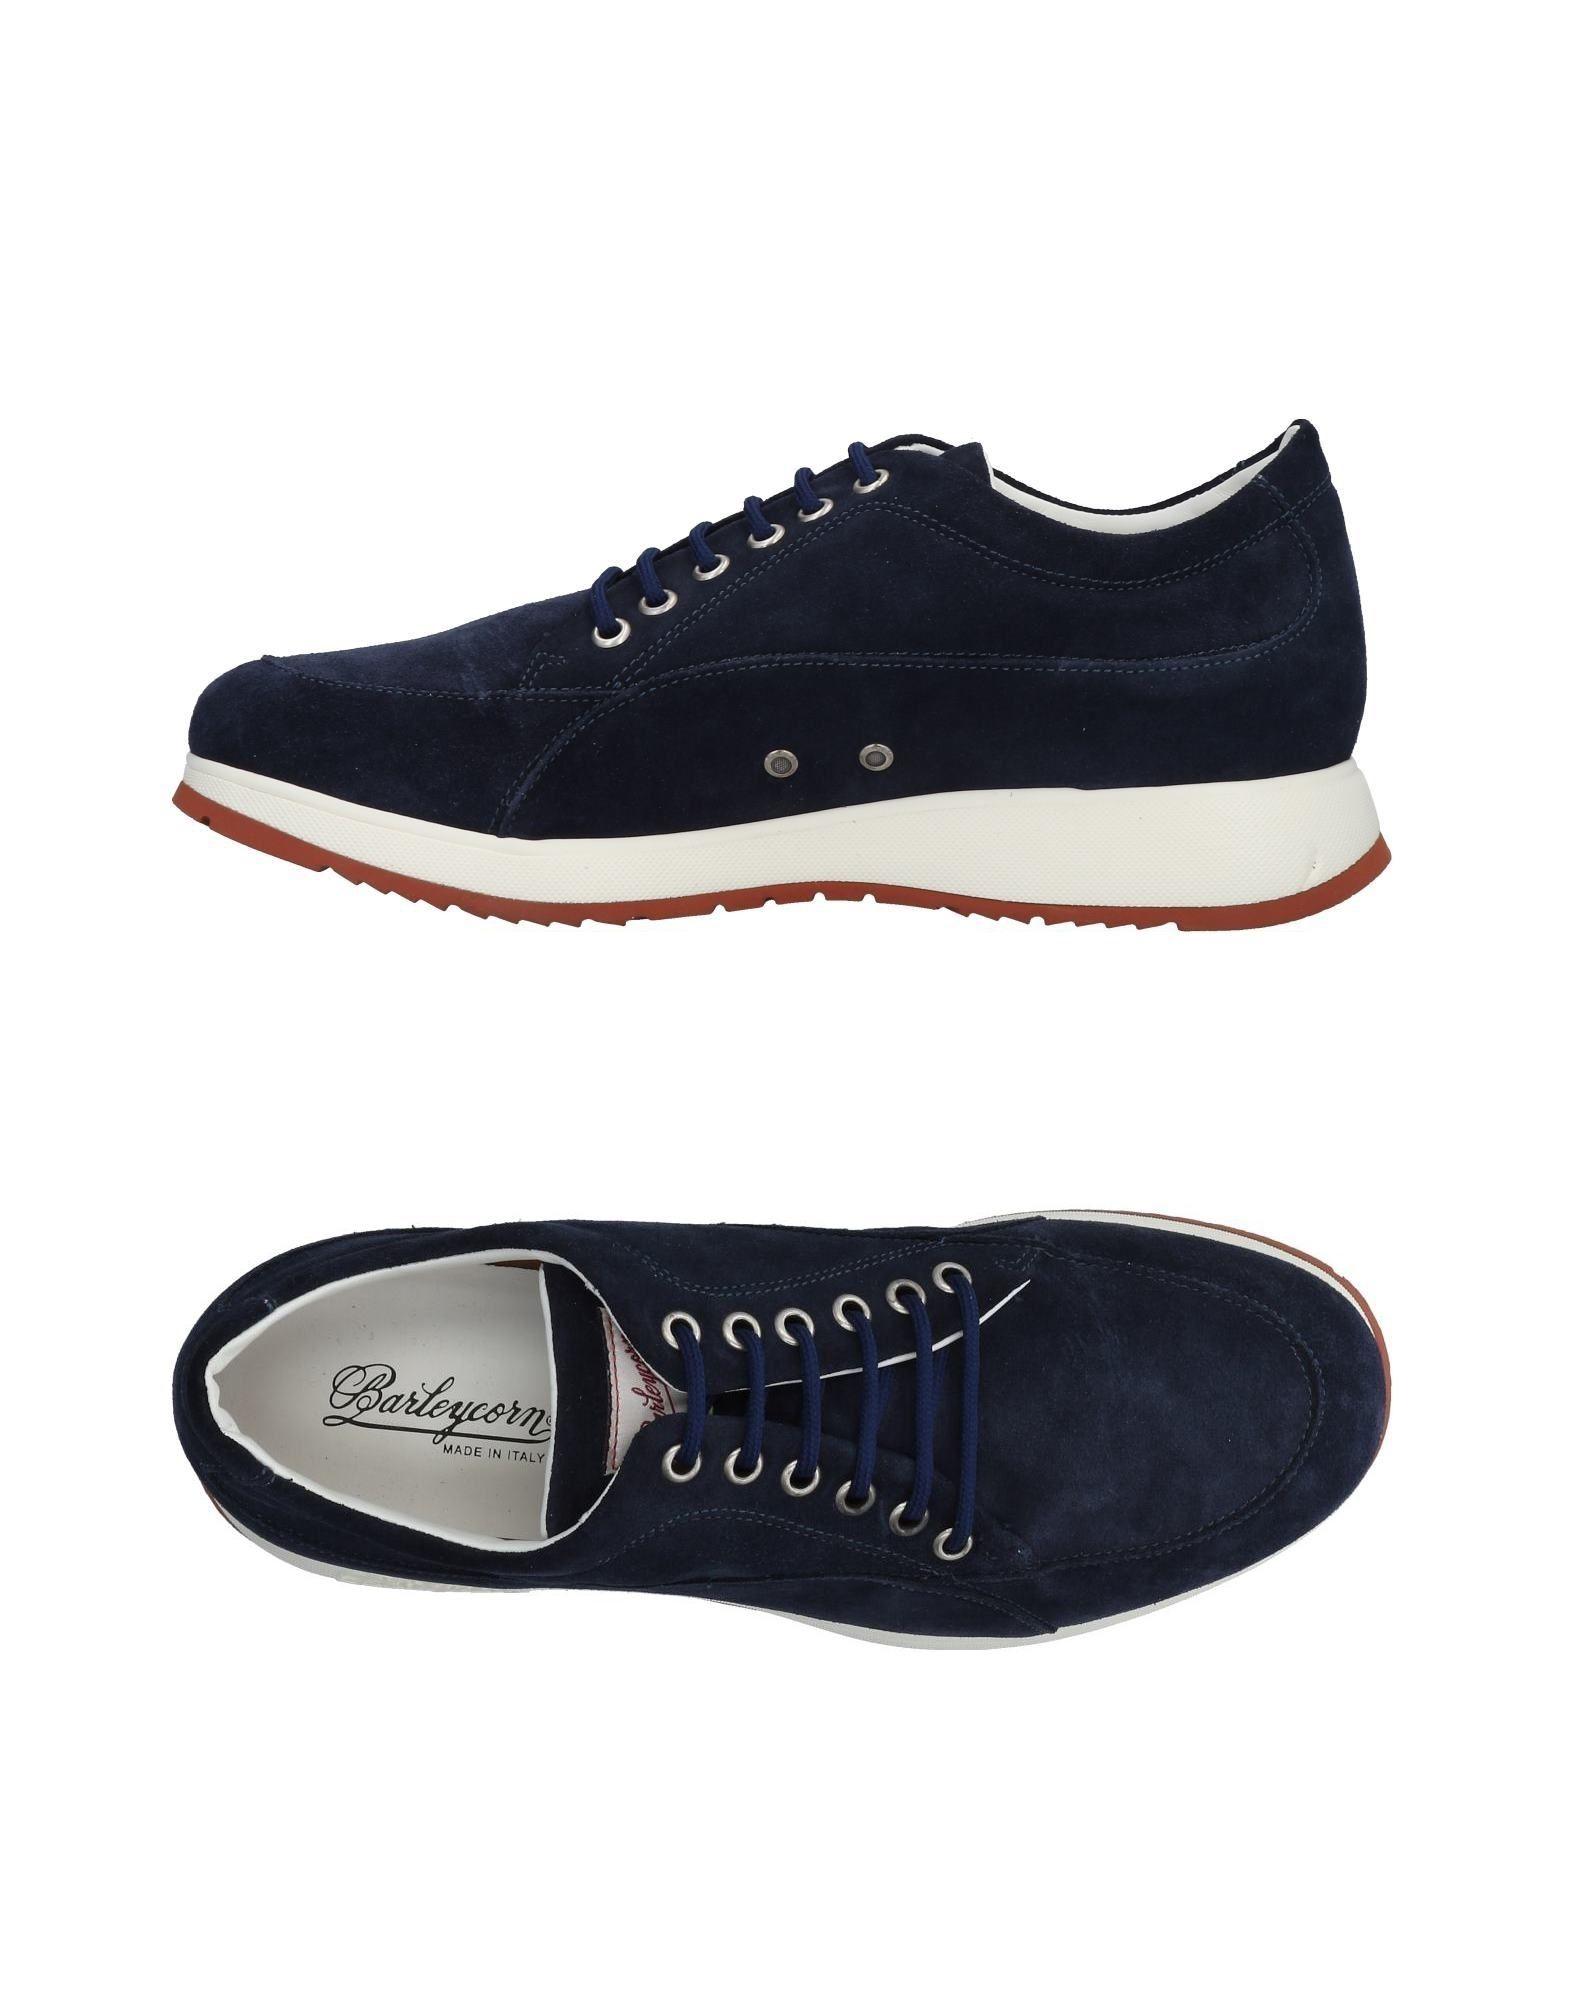 Sneakers Barleycorn Uomo - 11478940SD Scarpe economiche e buone